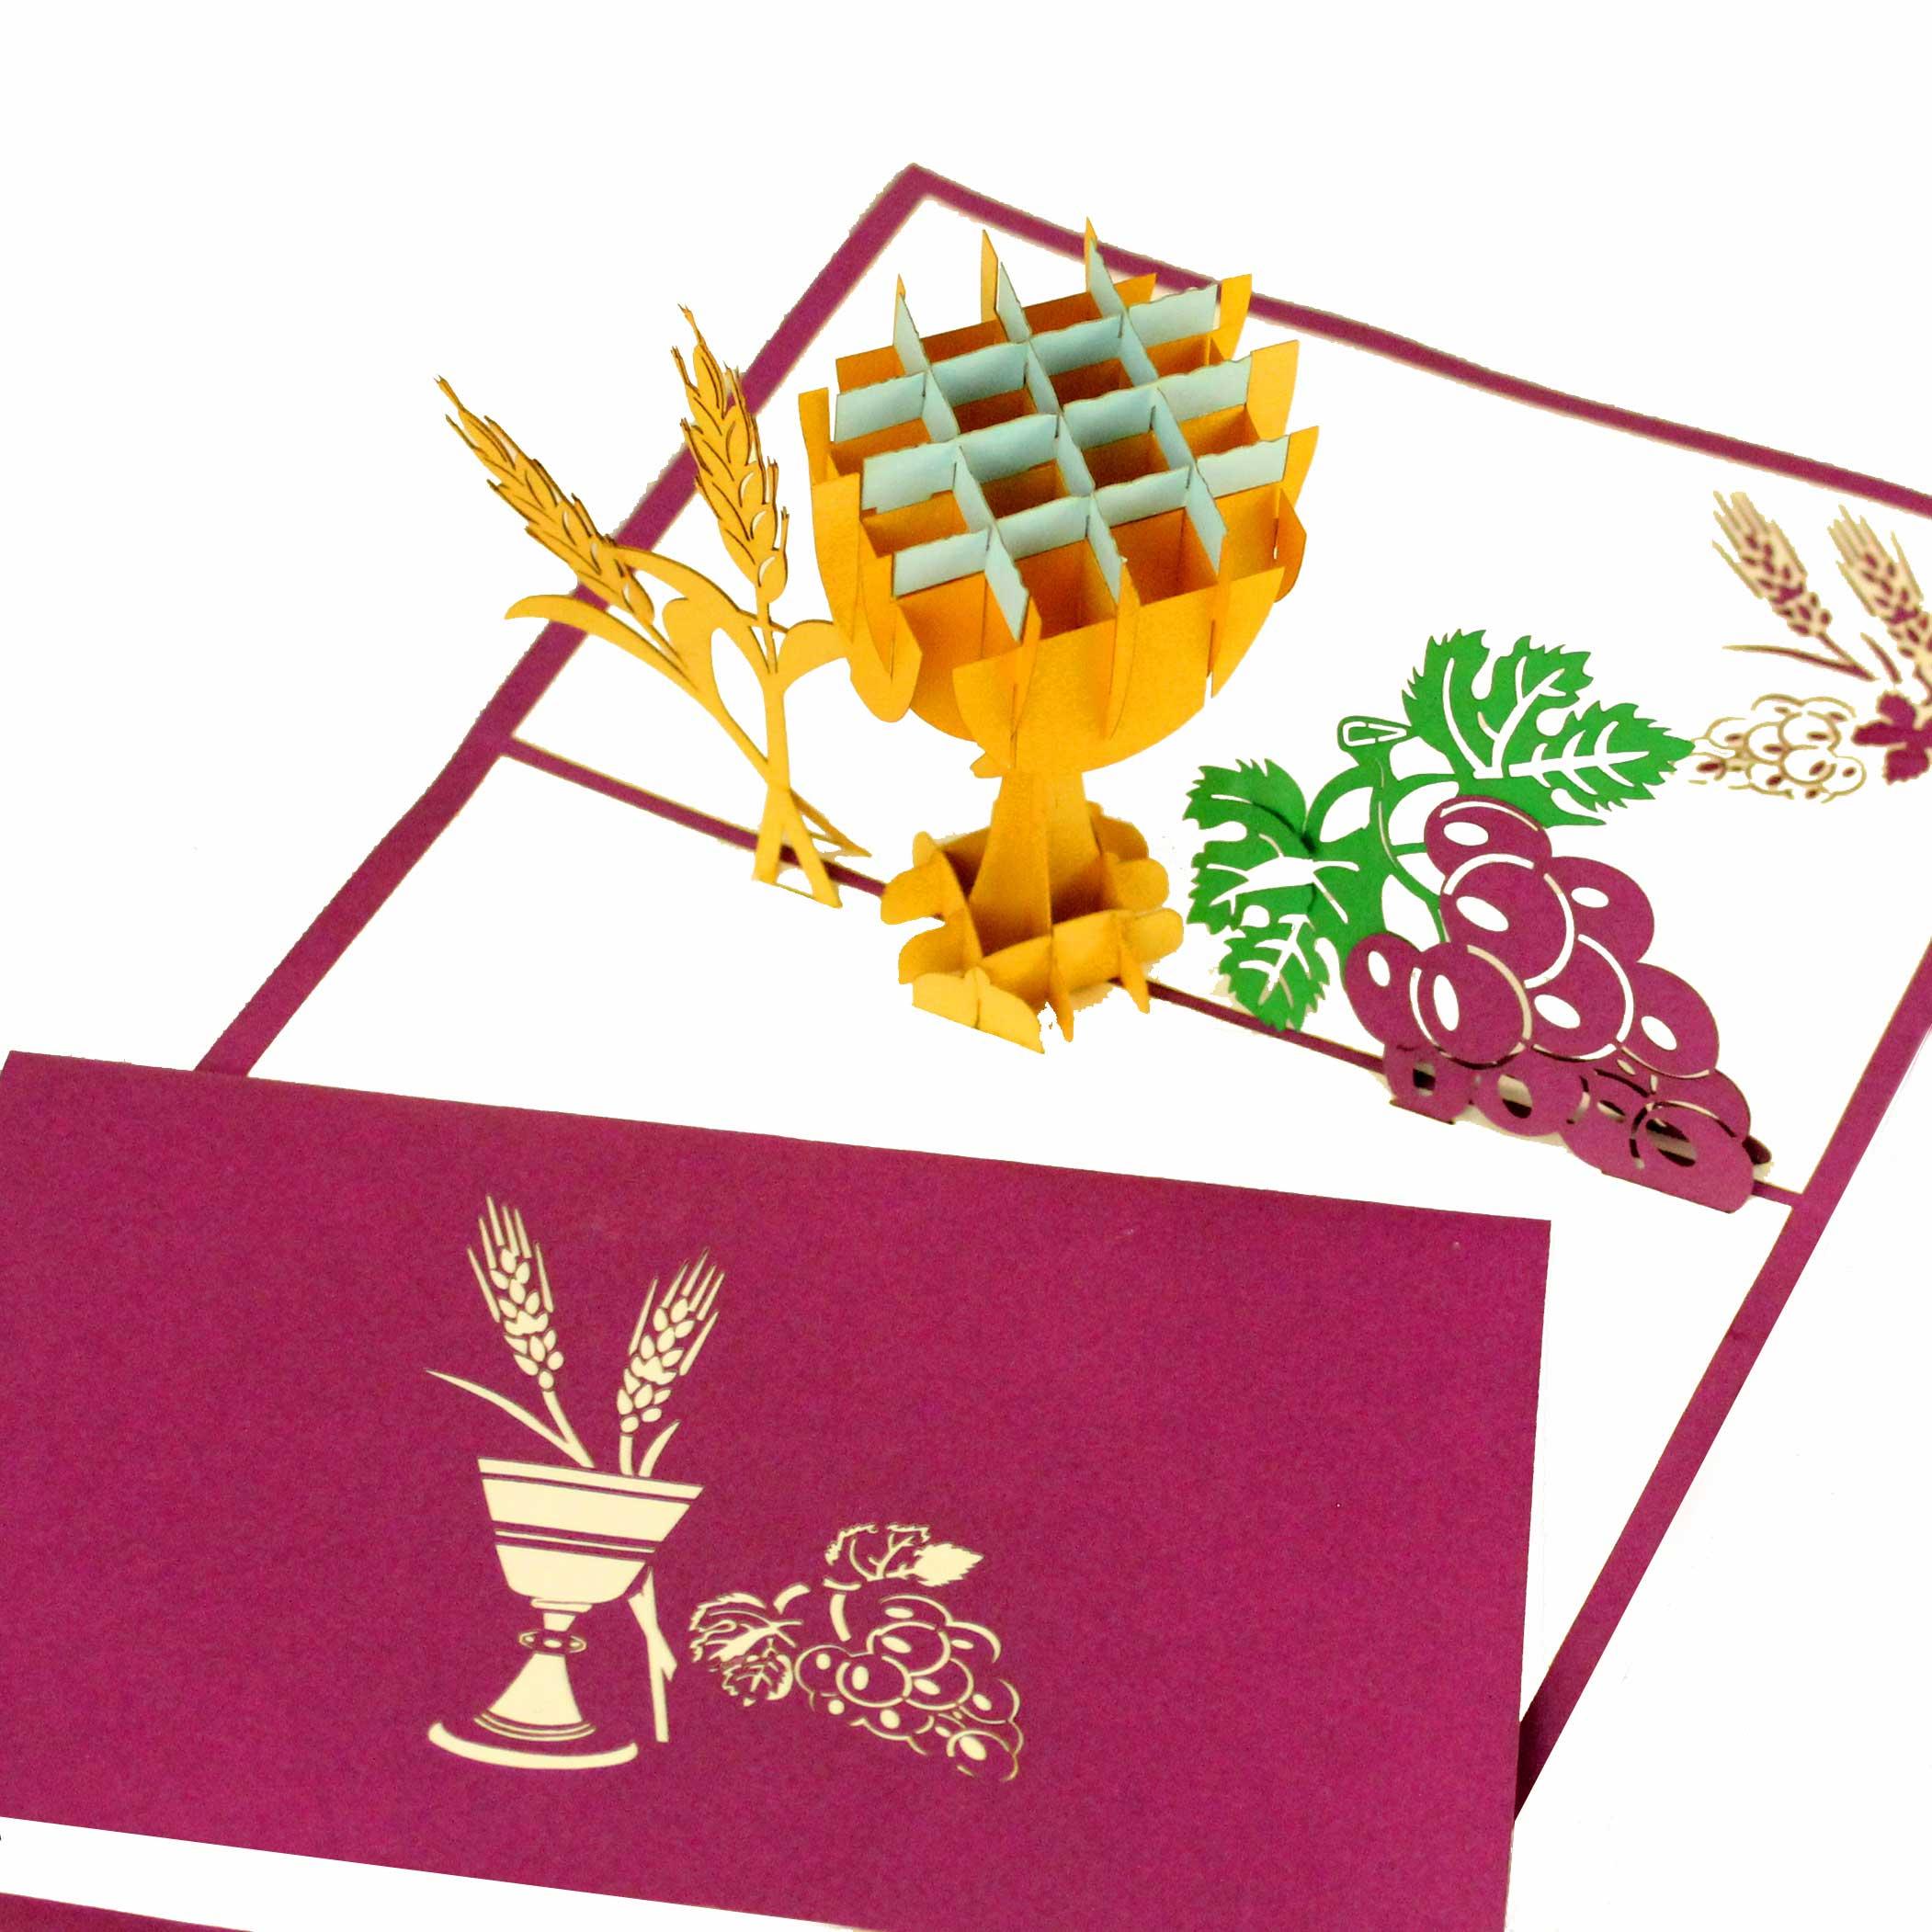 """Pop Up """"Kelch & Weinrebe"""" - Glückwunschkarte, Geldgeschenk zu Konfirmation und Kommunion"""